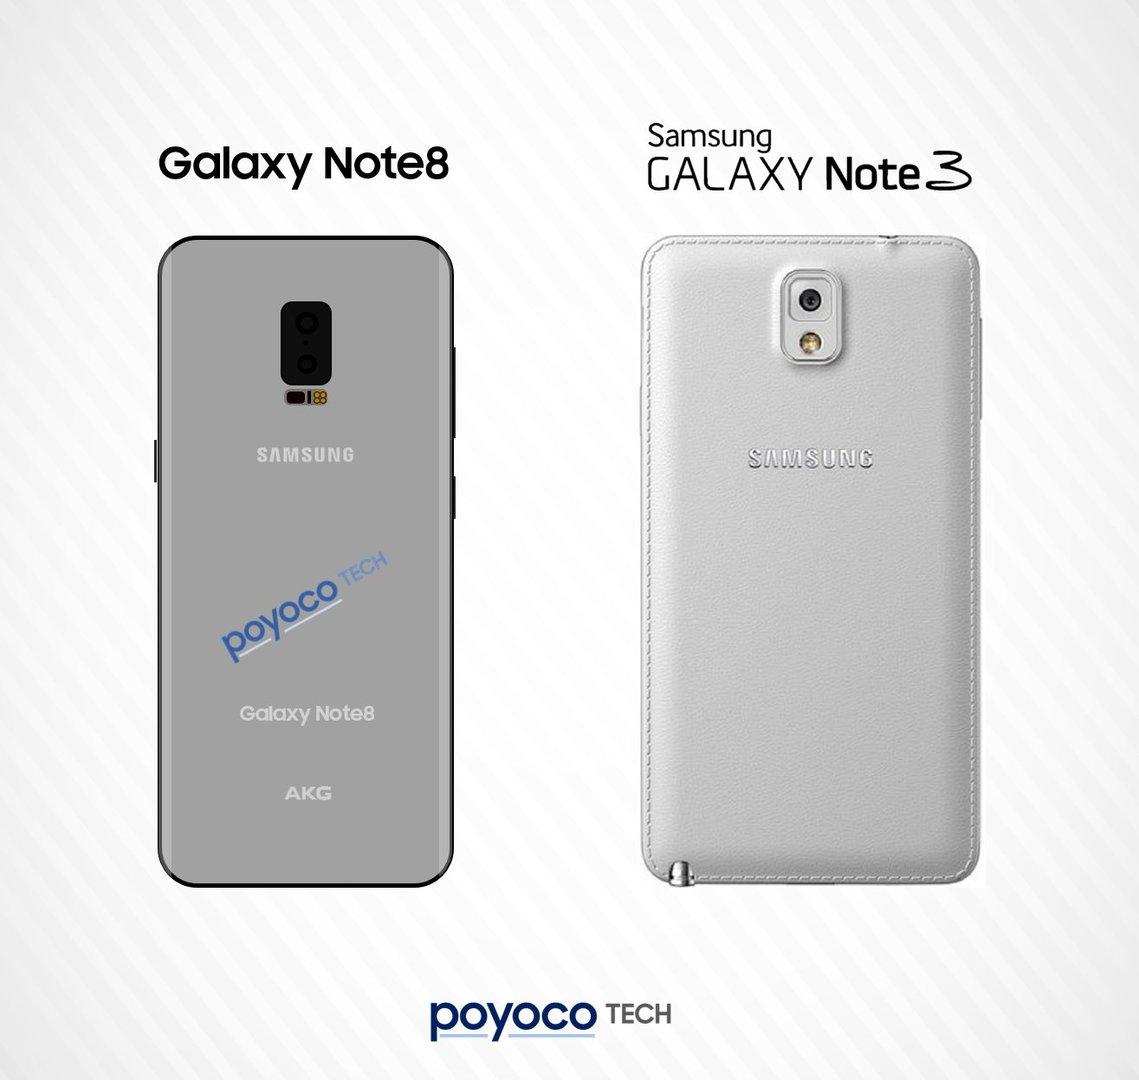 Vergleich des Samsung Galaxy Note 8 mit dem Galaxy Note 3